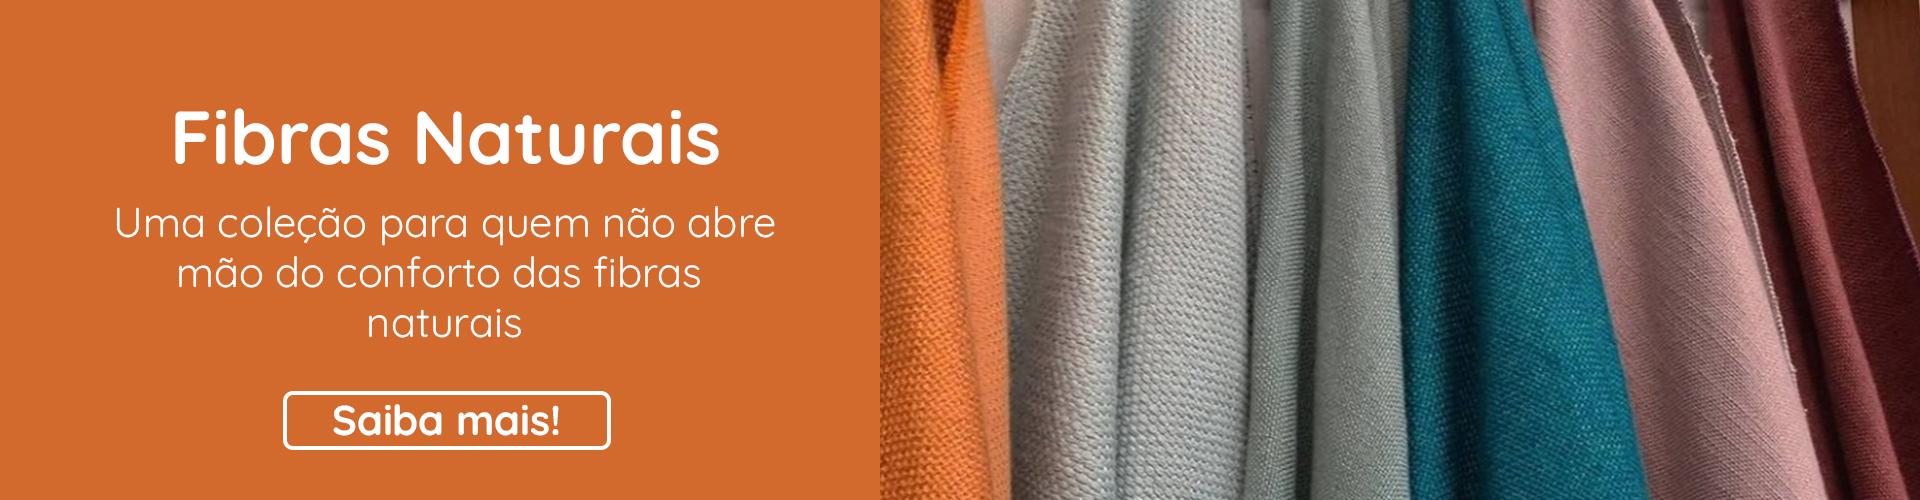 Banner Fibras Naturais 04